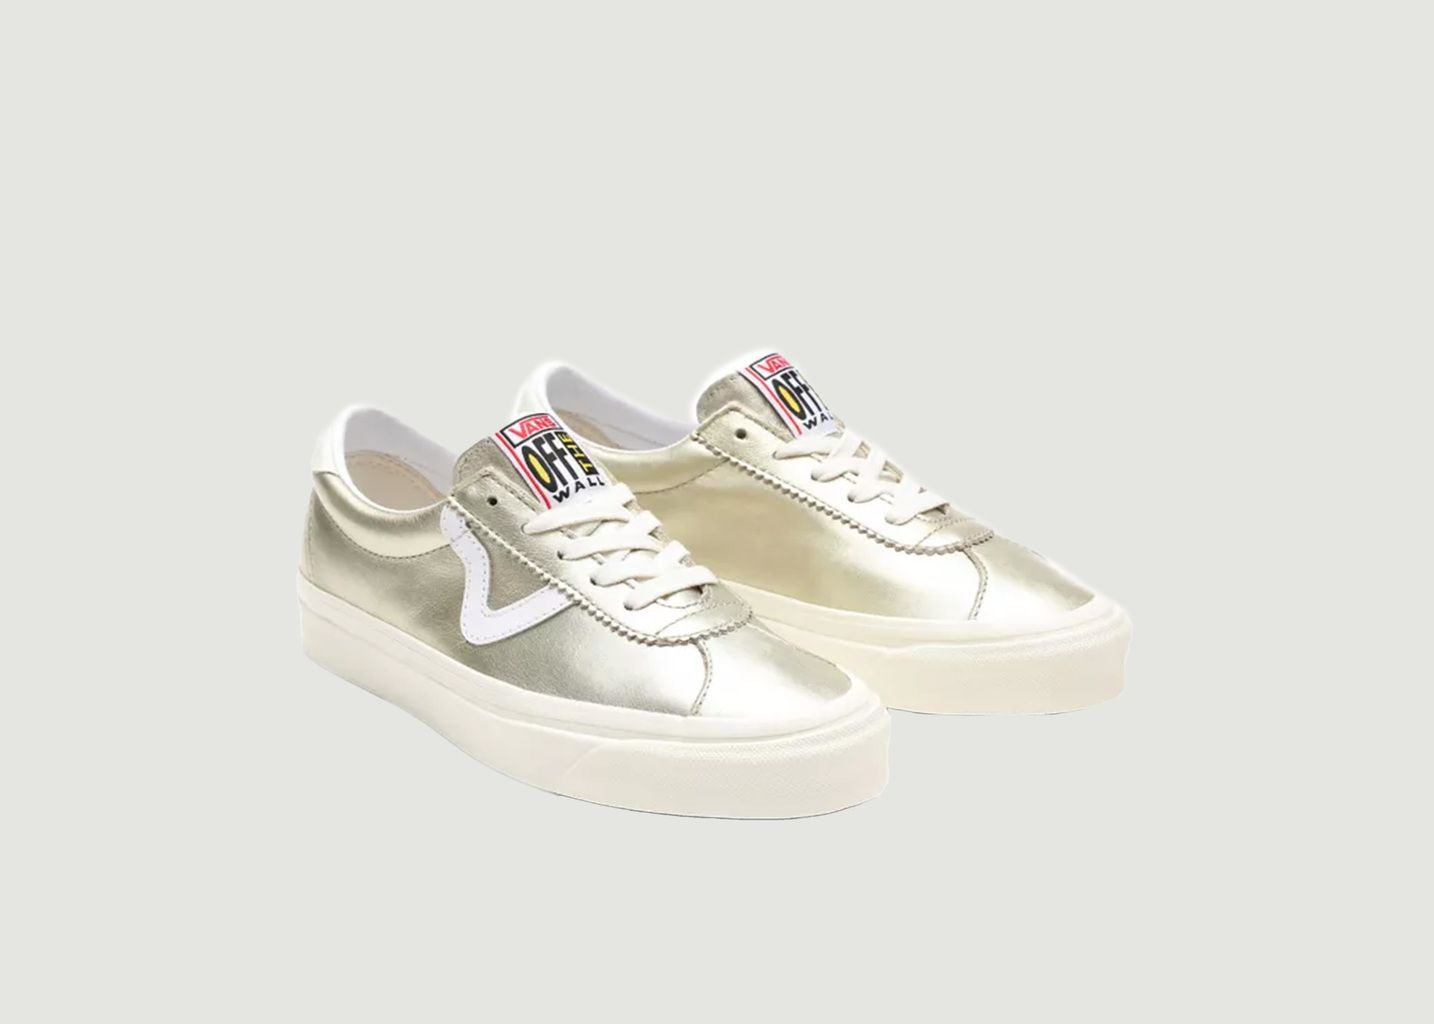 Sneakers Style 73 DX - Vans